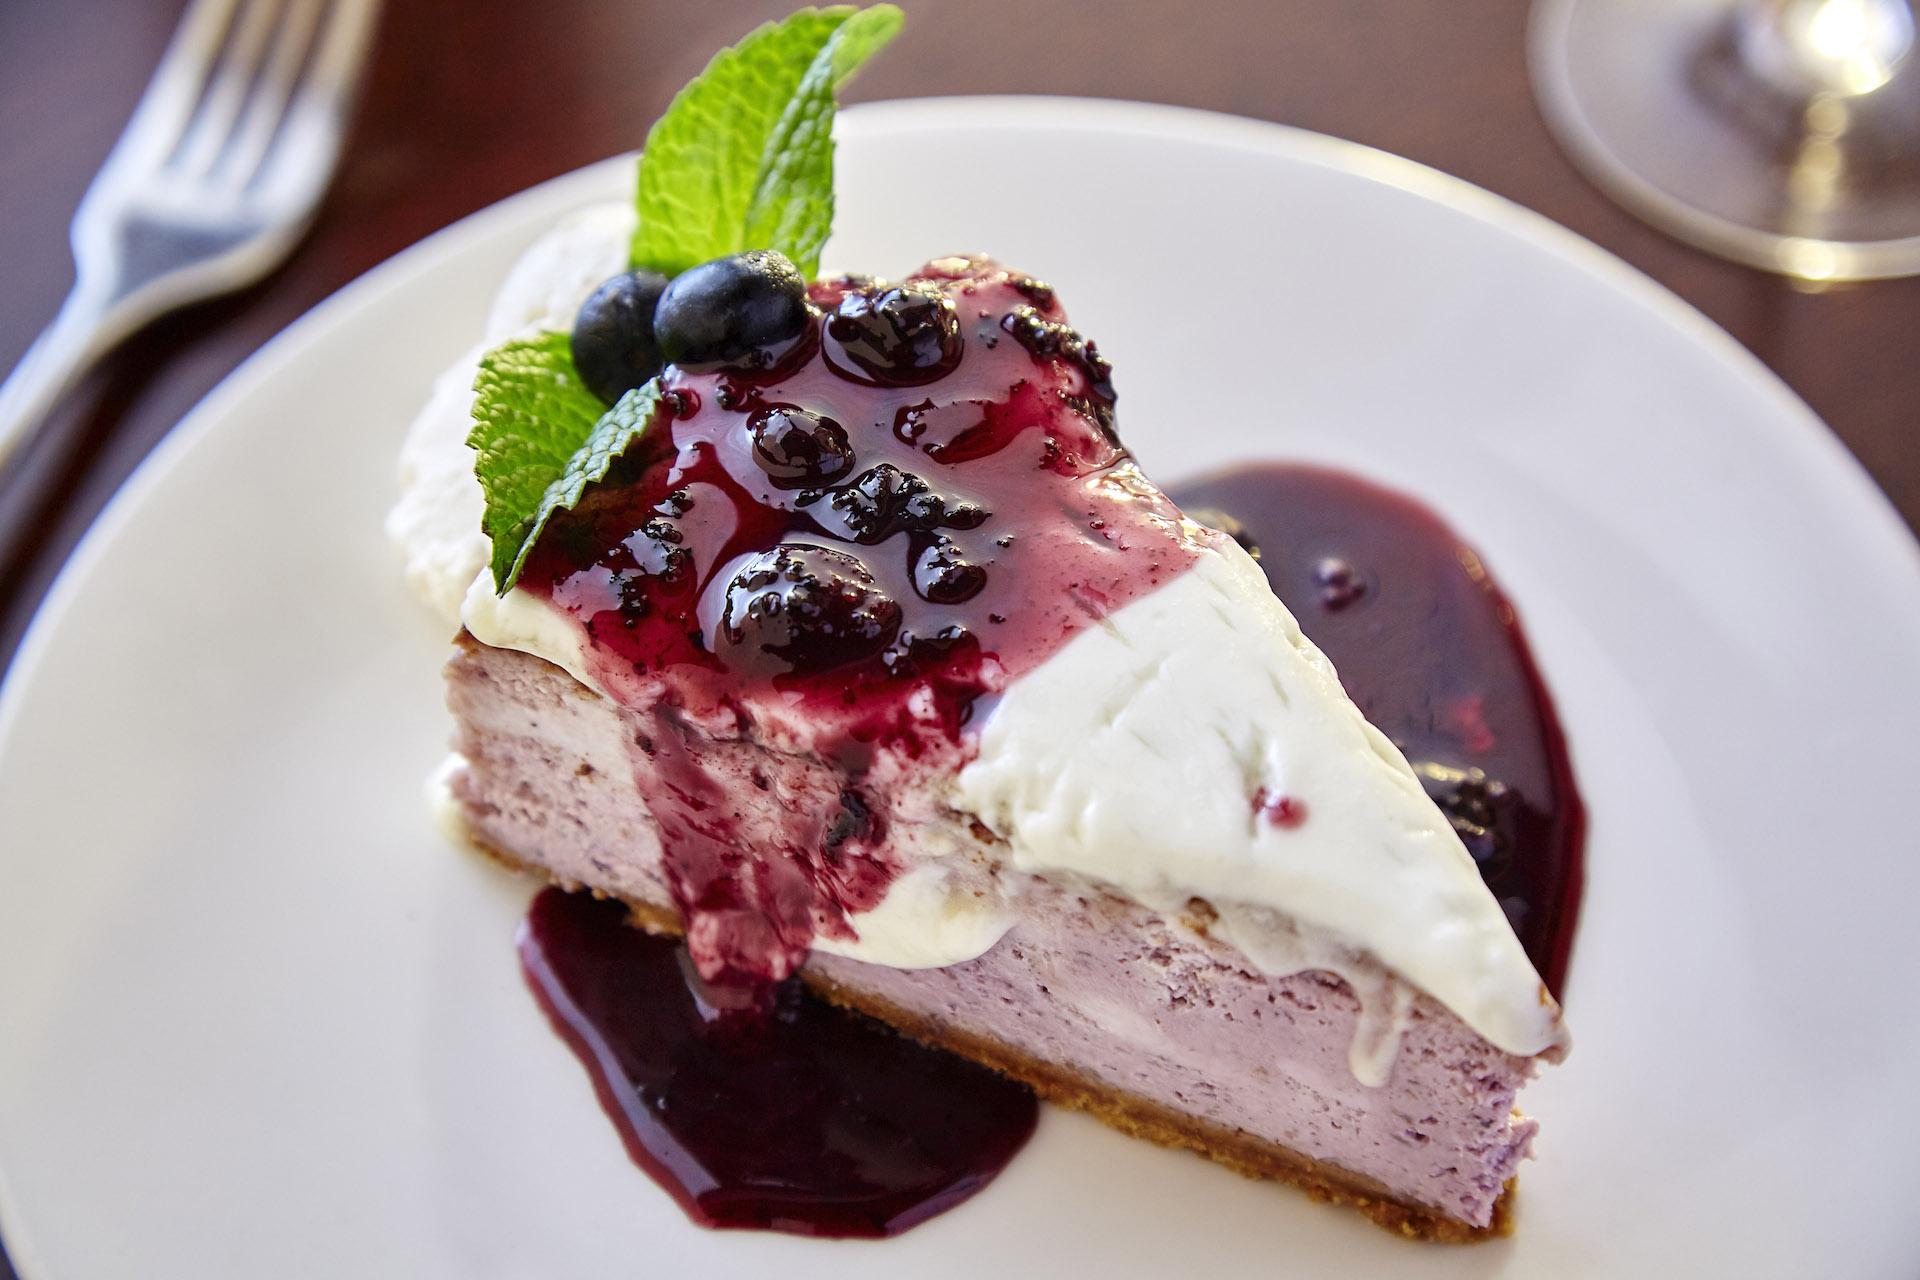 ZephyrGrillandBar Blueberry Cheesecake